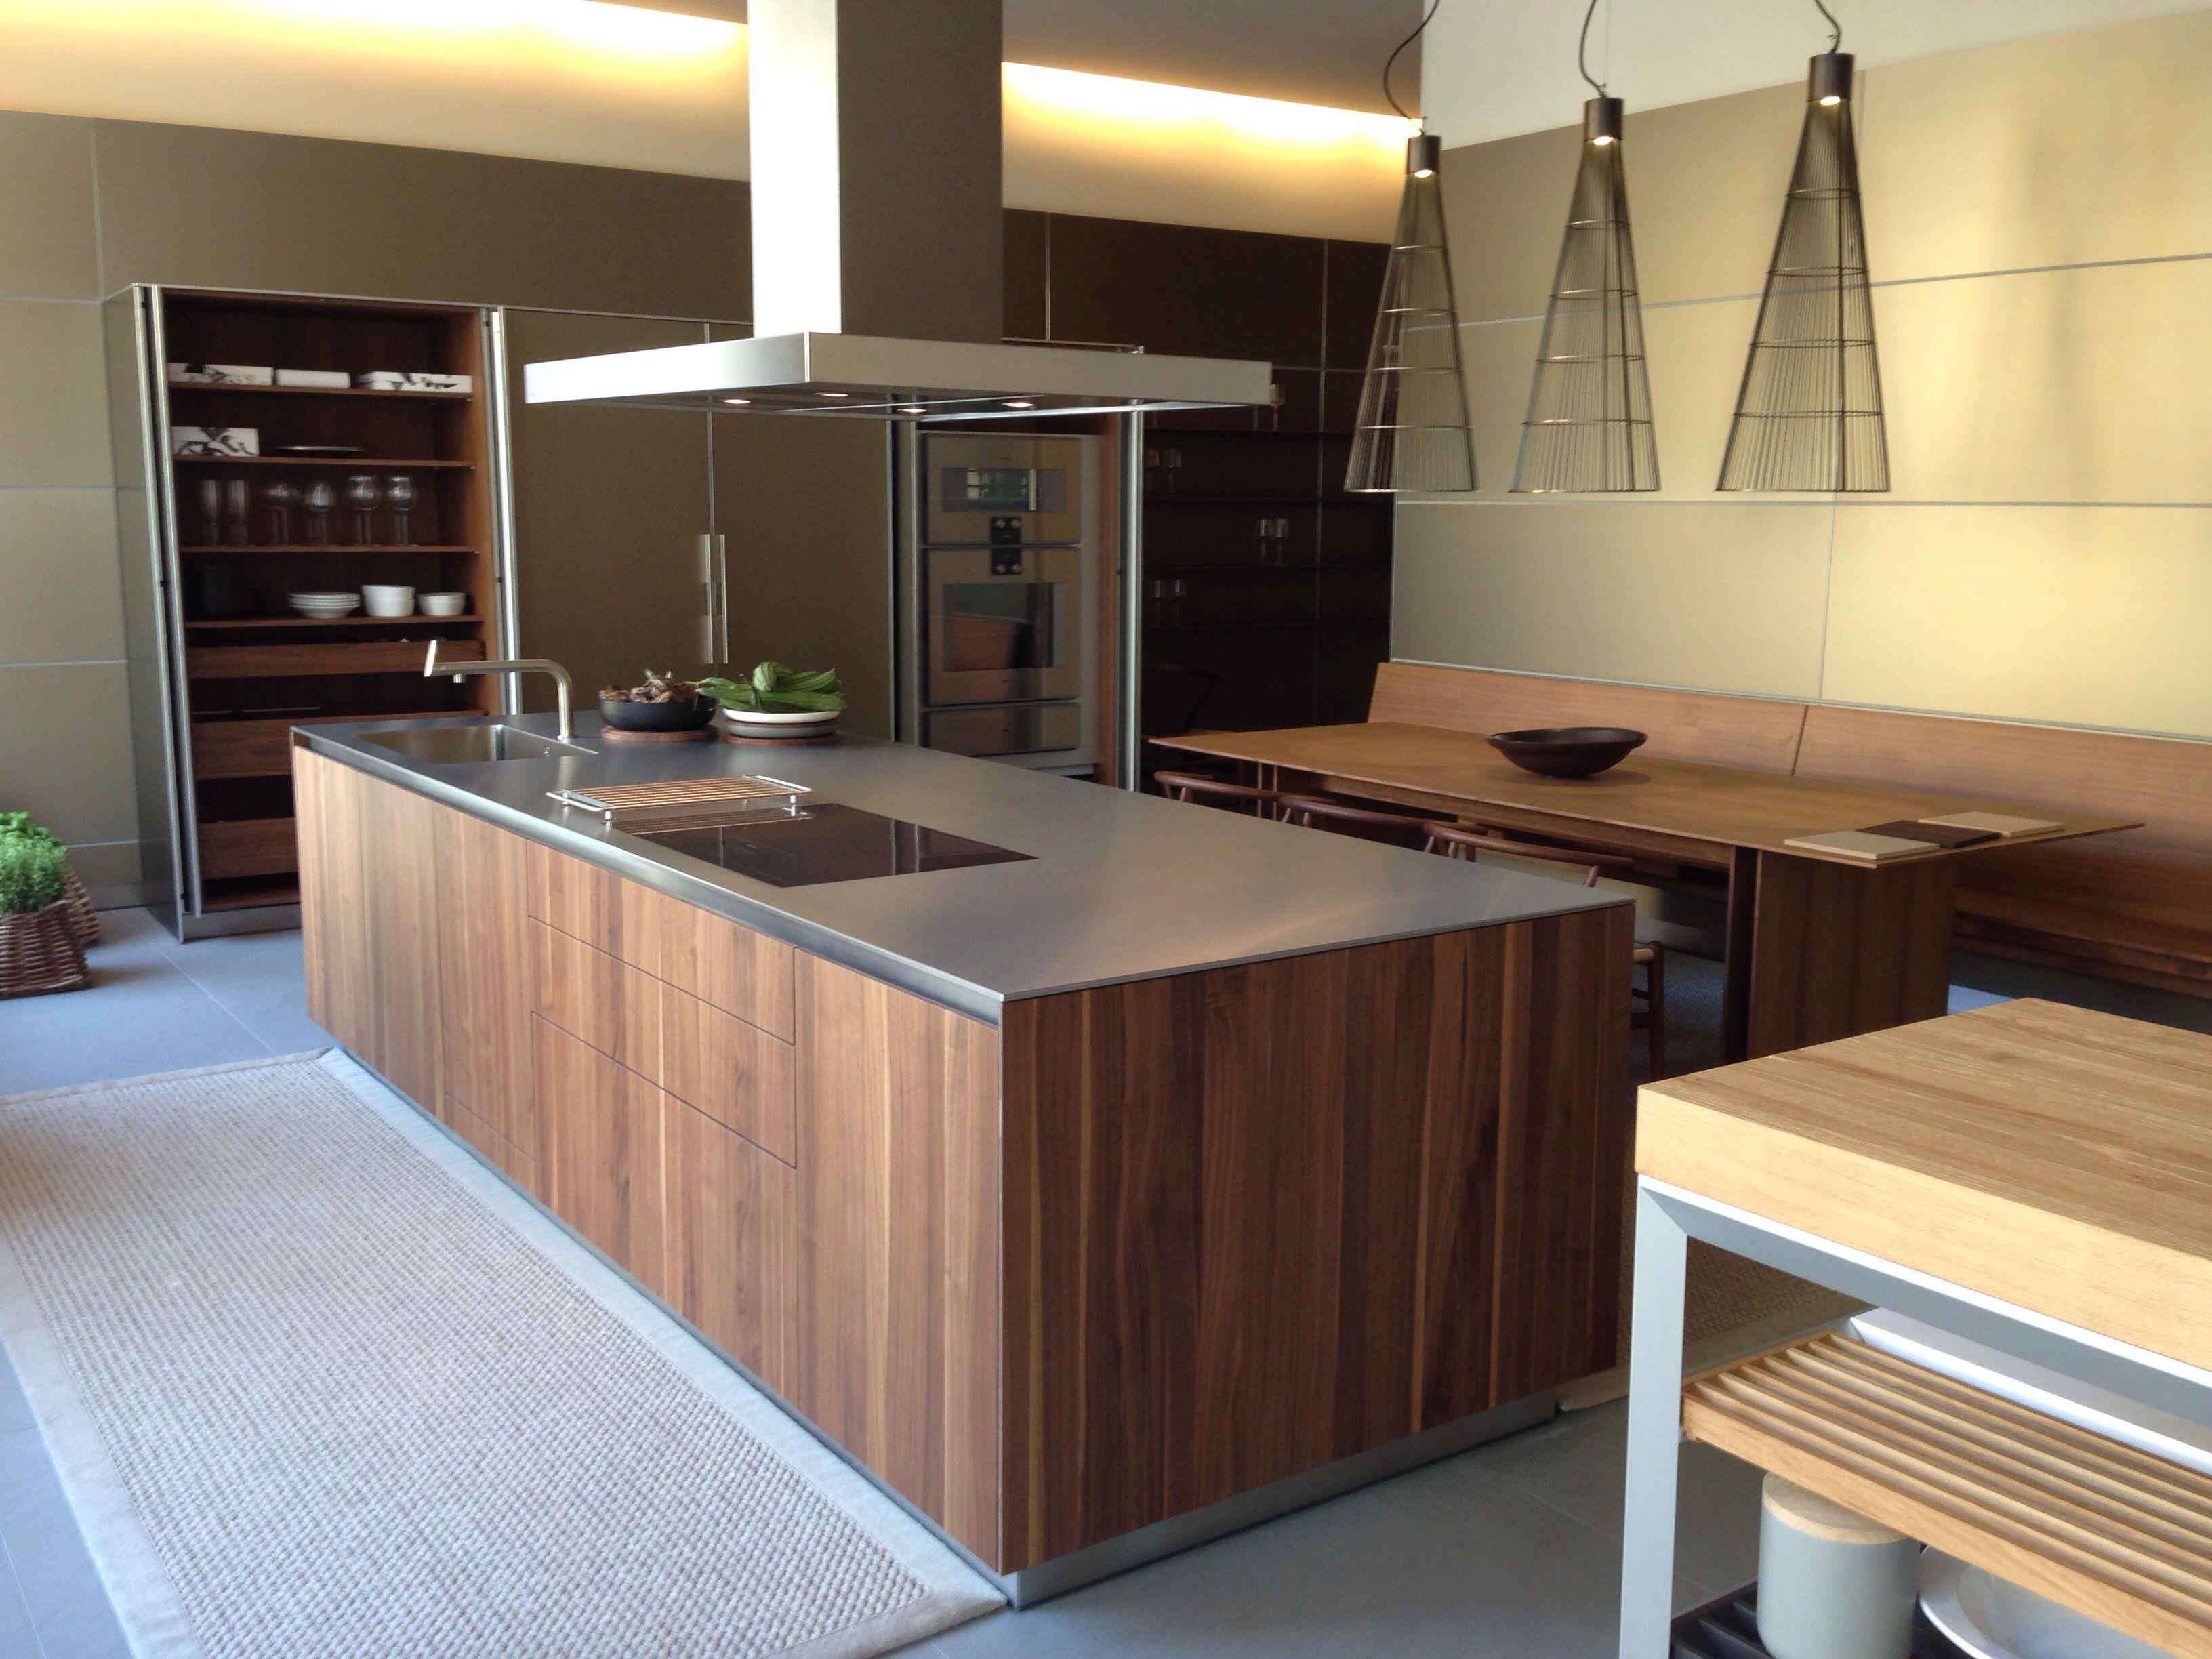 Meuble Ilot Central Table ~ Bulthaup Kitchen Pinterest